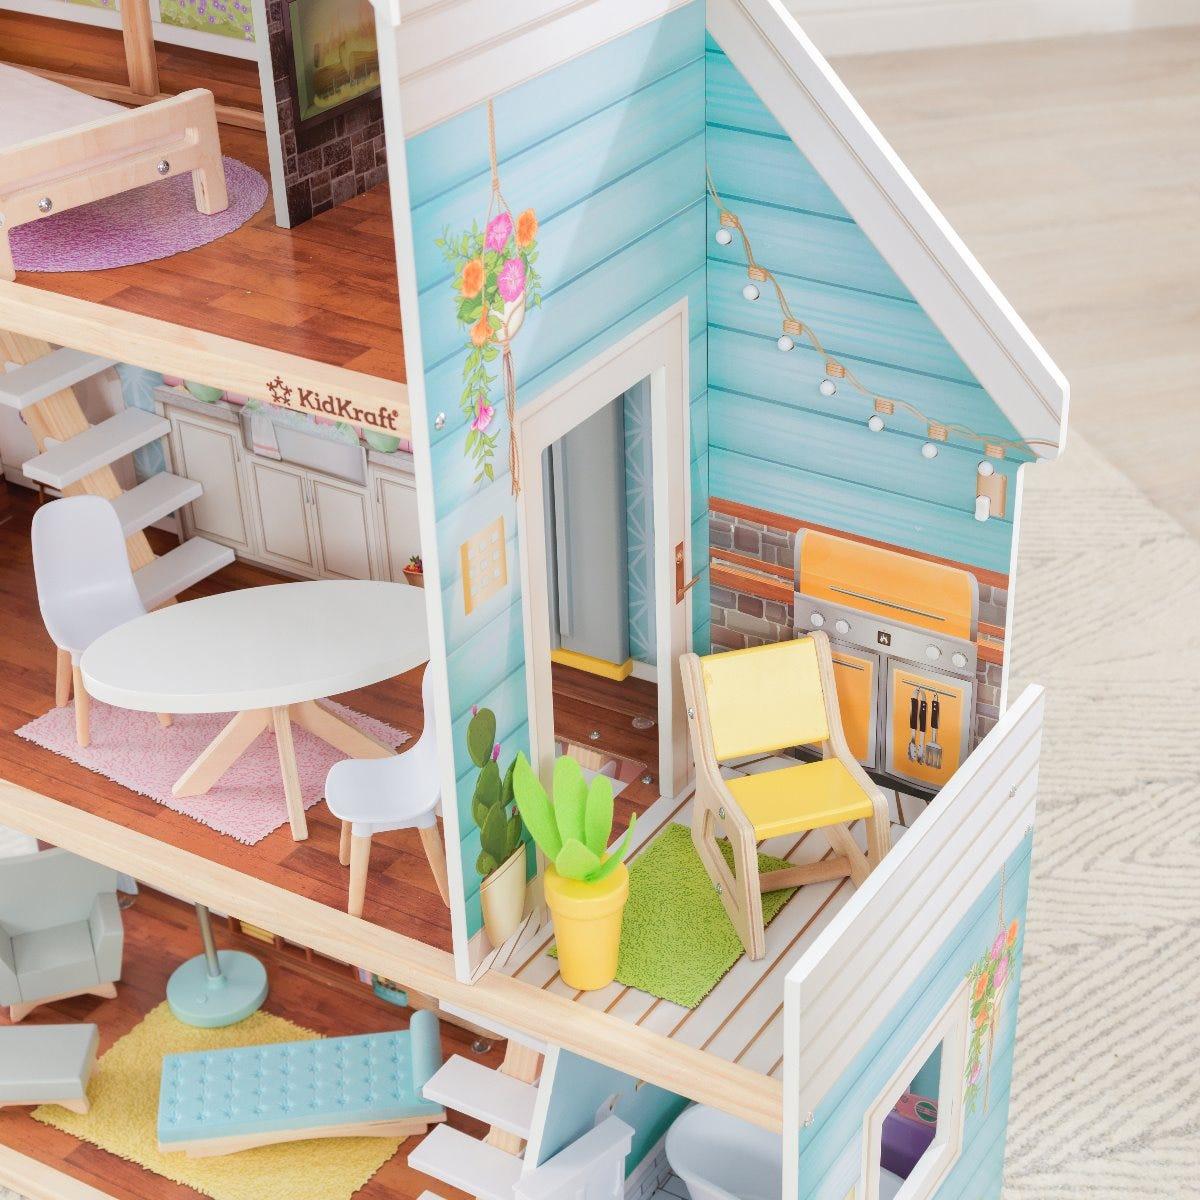 Магическа дървена къща за кукли Барби - Зои от Kidkraft-bellamiestore